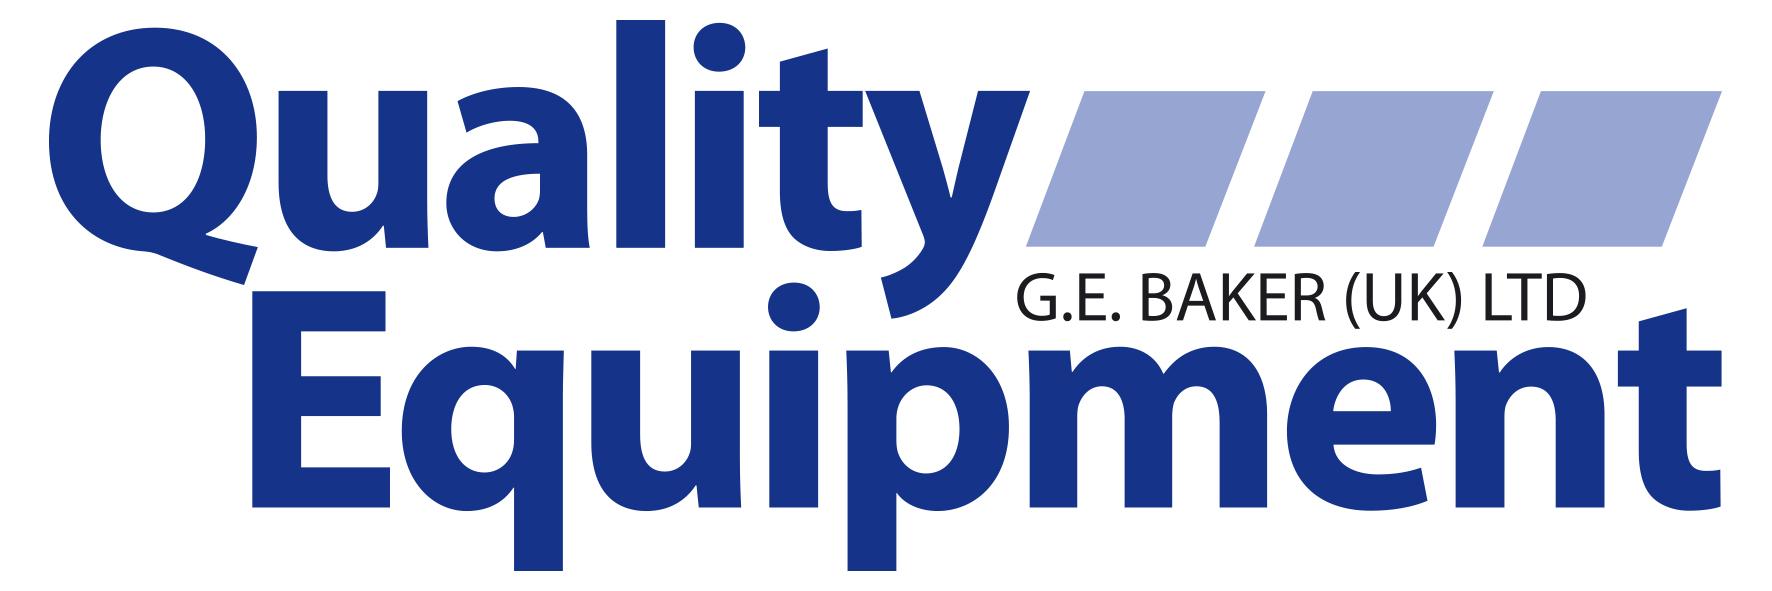 G E Baker (UK) Ltd / Quality Equipment